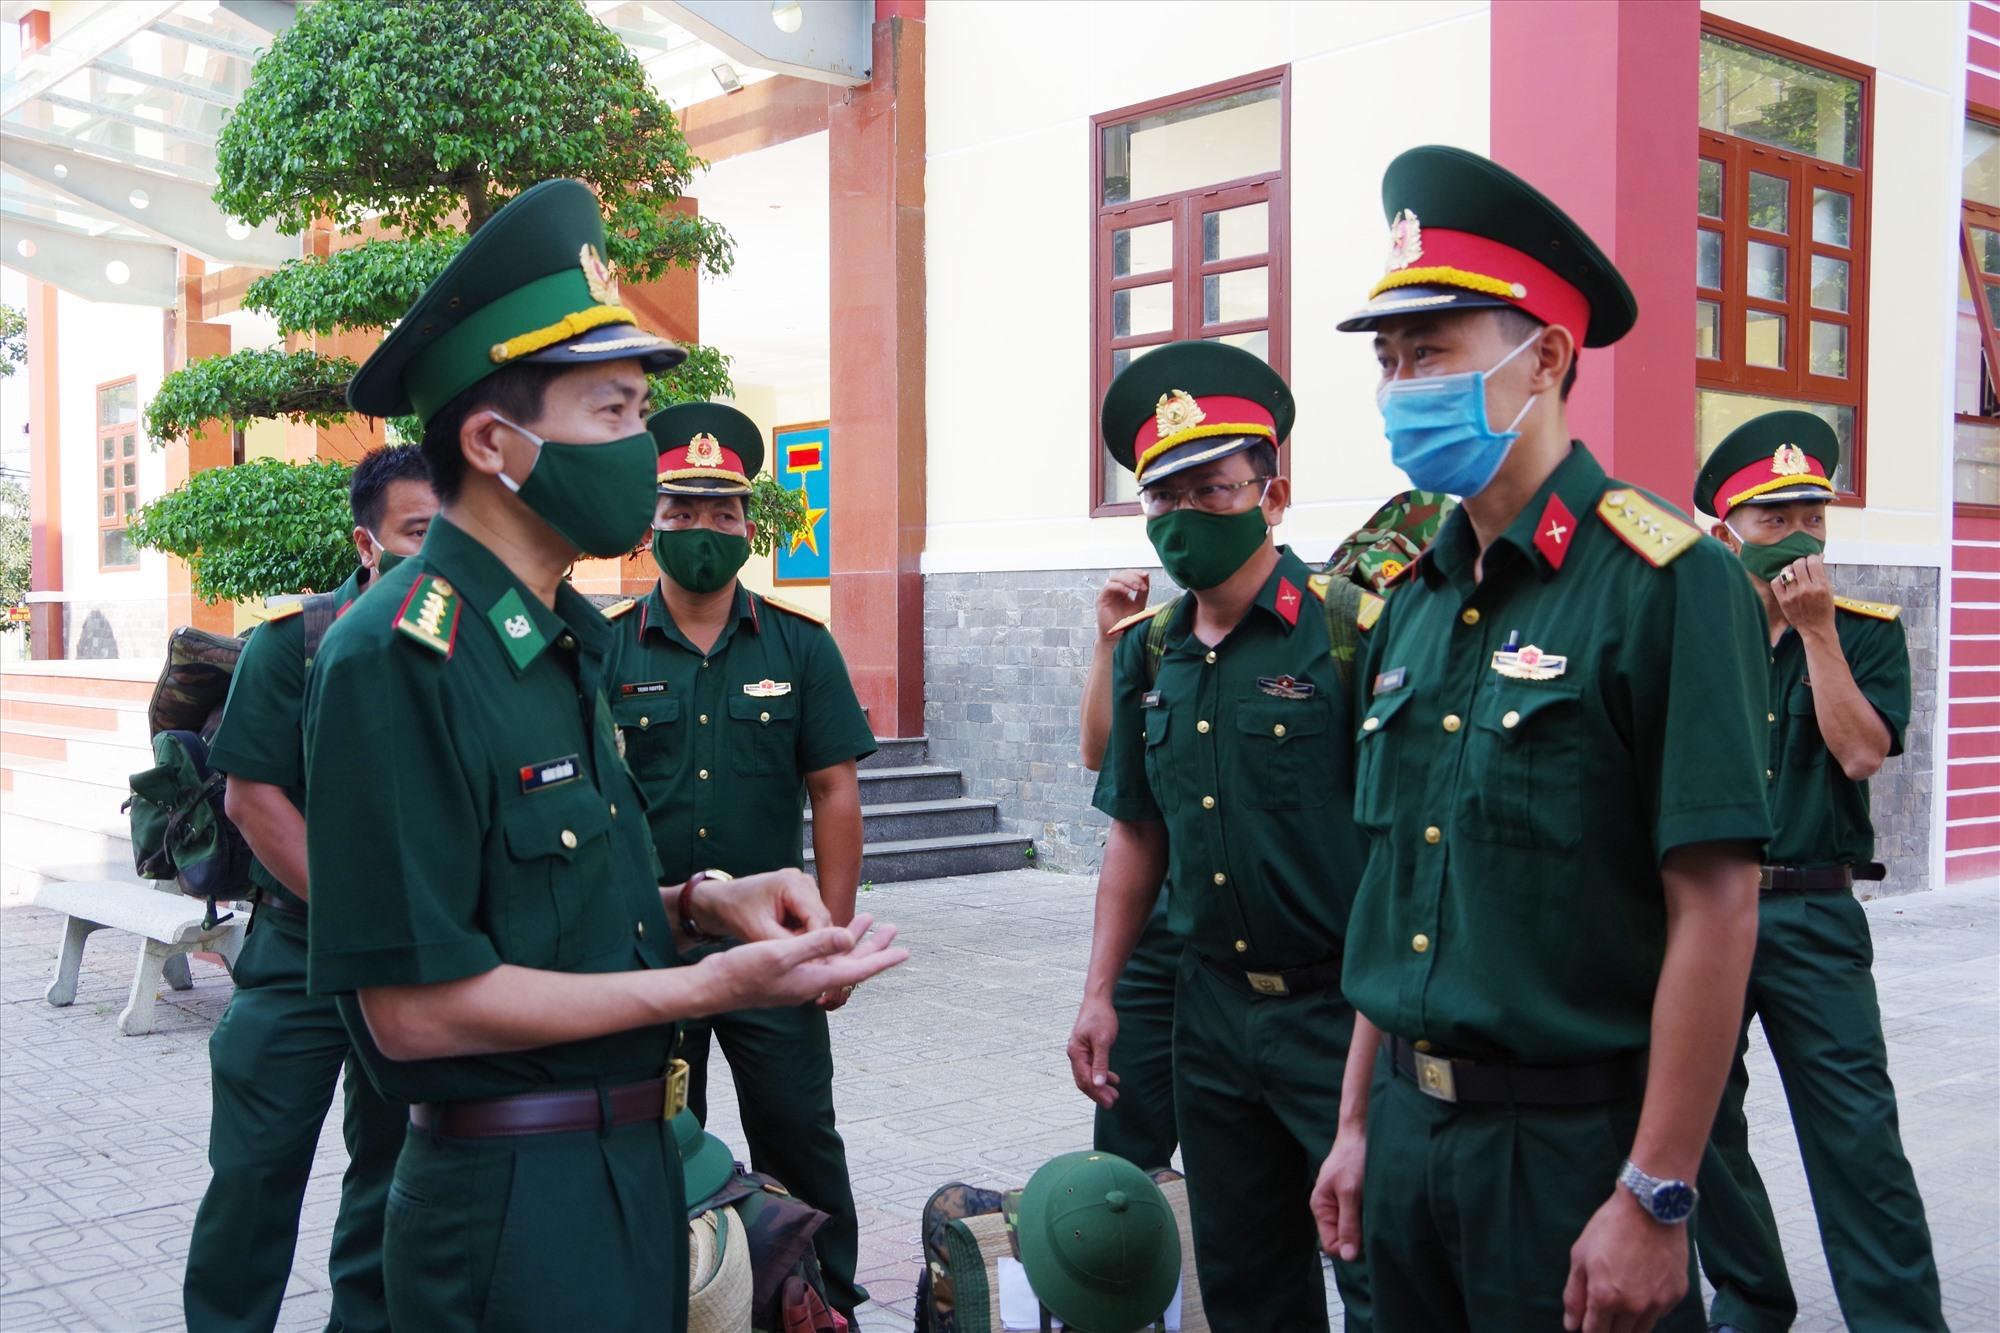 Đại tá Hoàng Văn mẫn - Chính ủy BĐBP tỉnh động viên cán bộ tăng cường làm nhiệm vụ bảo vệ biên giới, phòng chống dịch Covid-19. Ảnh: HỒNG ANH